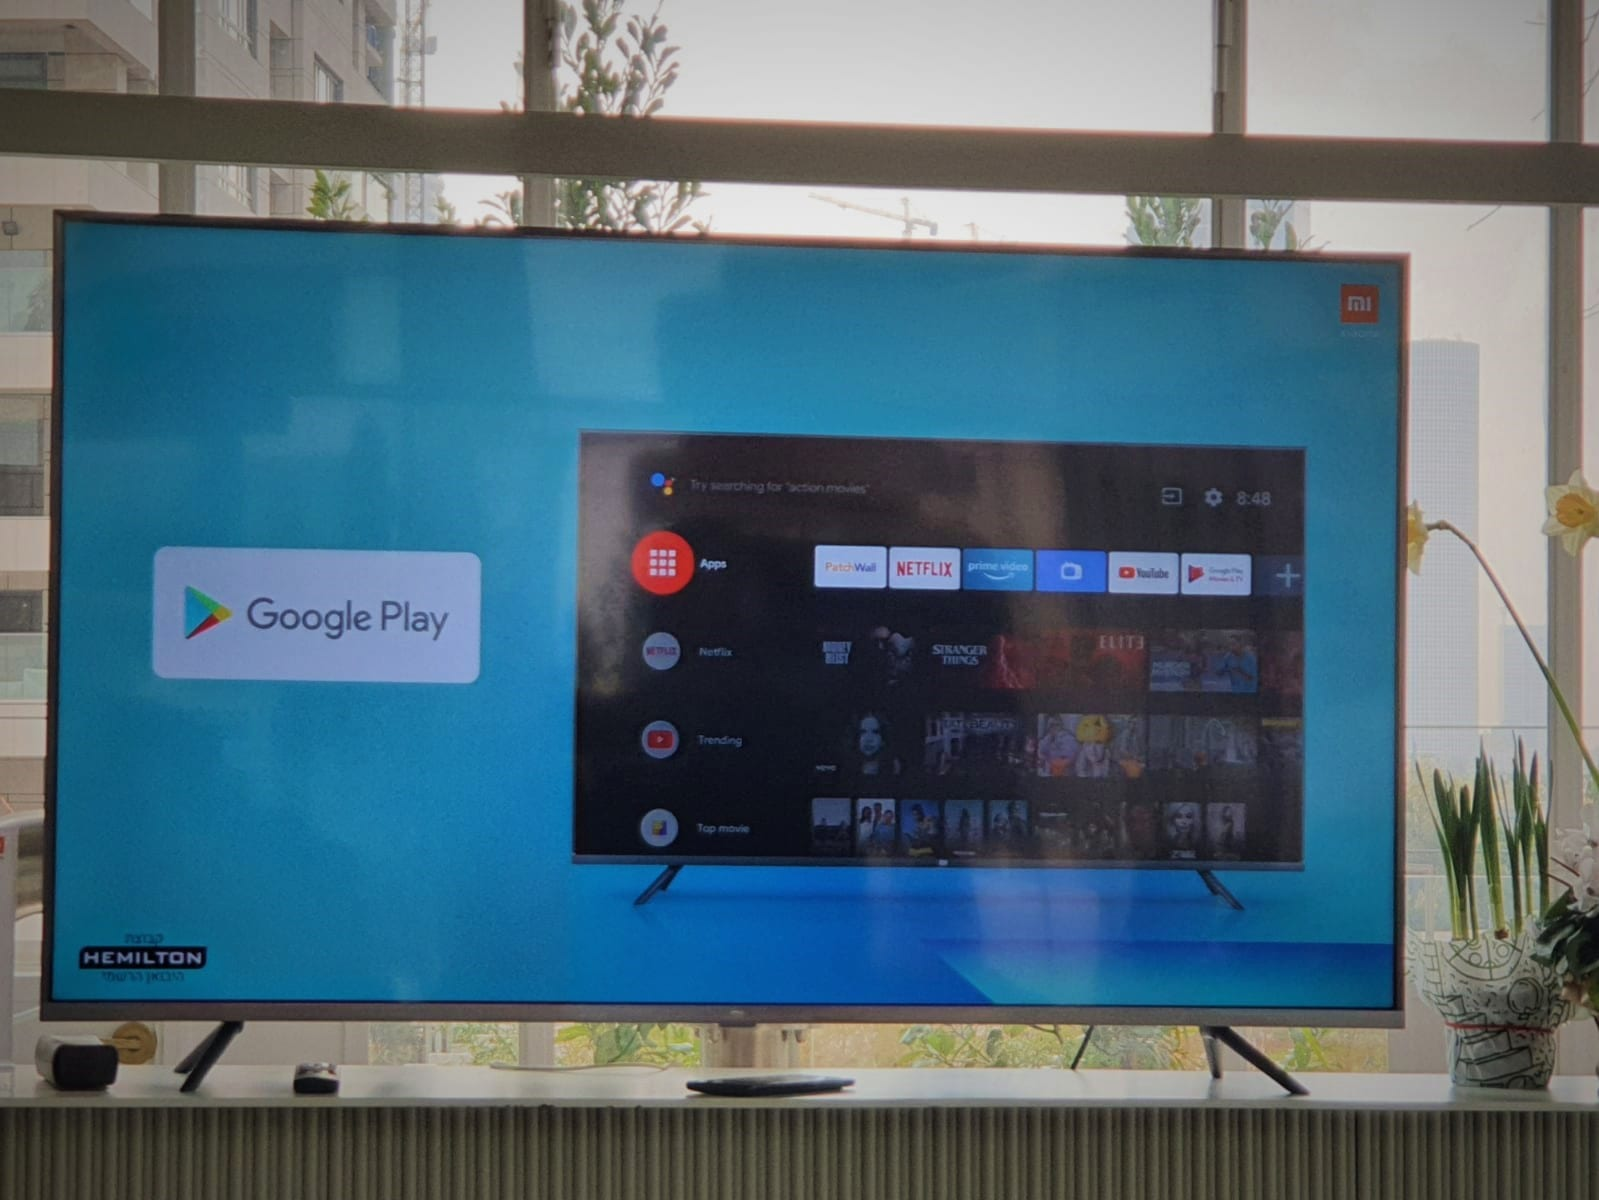 מערכת הפעלה אנדרואיד 9 בטלוויזיות שיאומי. צילום: דפנה הראל כפיר